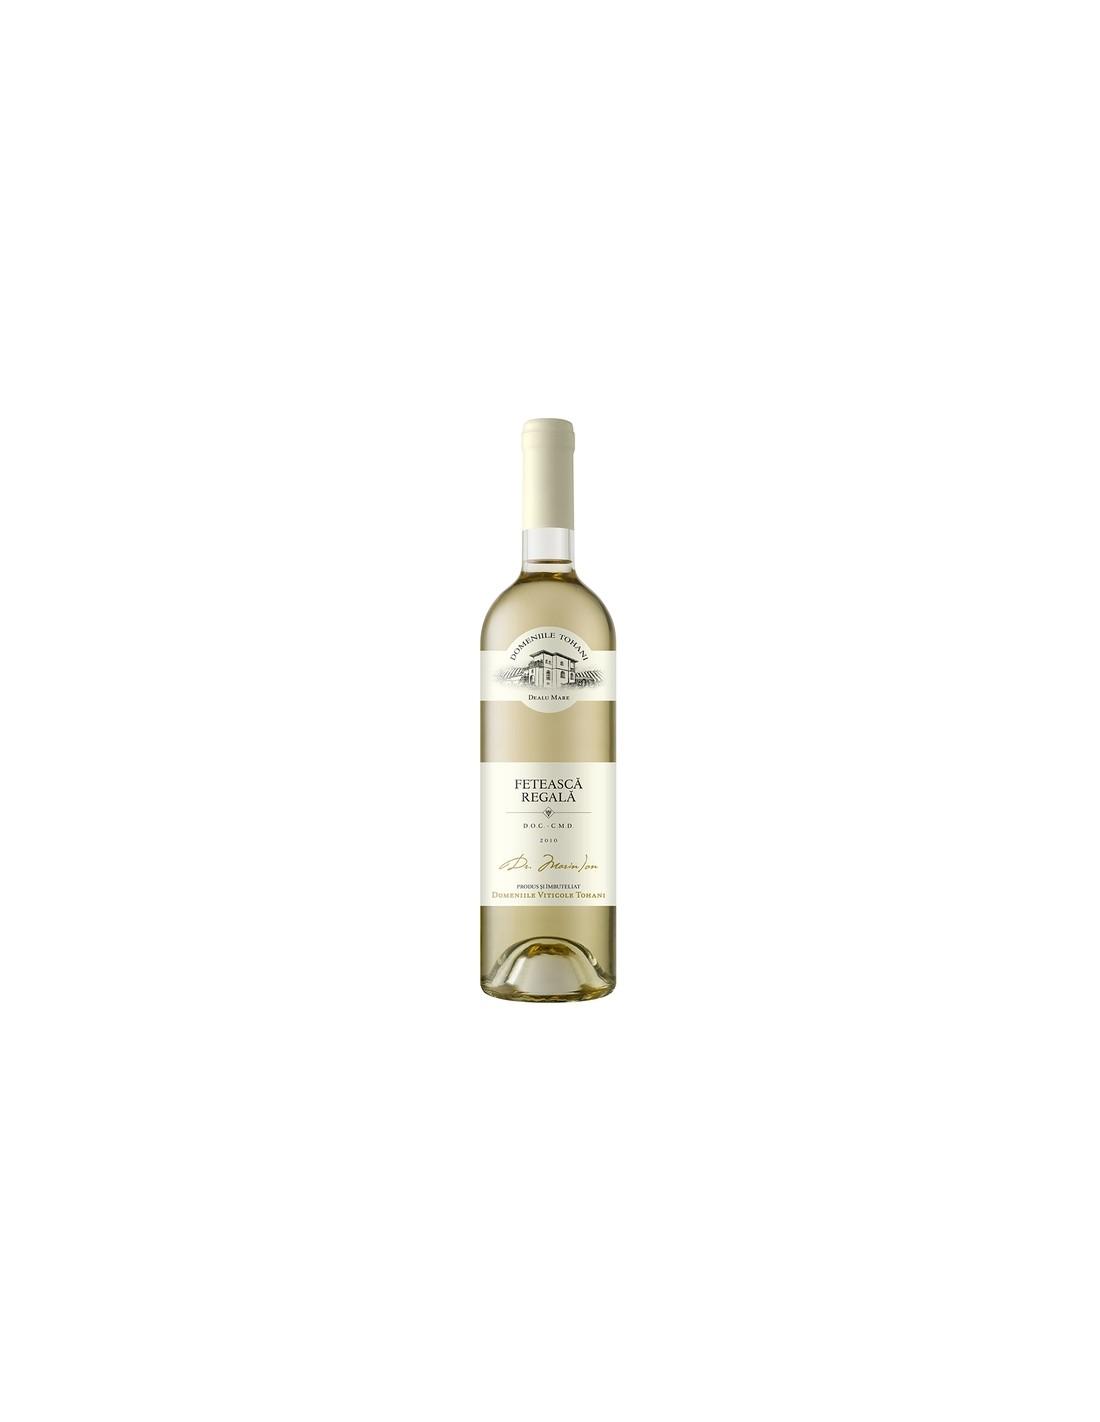 Vin alb demisec, Feteasca Regala, Domeniile Tohani Dealu Mare, 0.75L, 11% alc., Romania